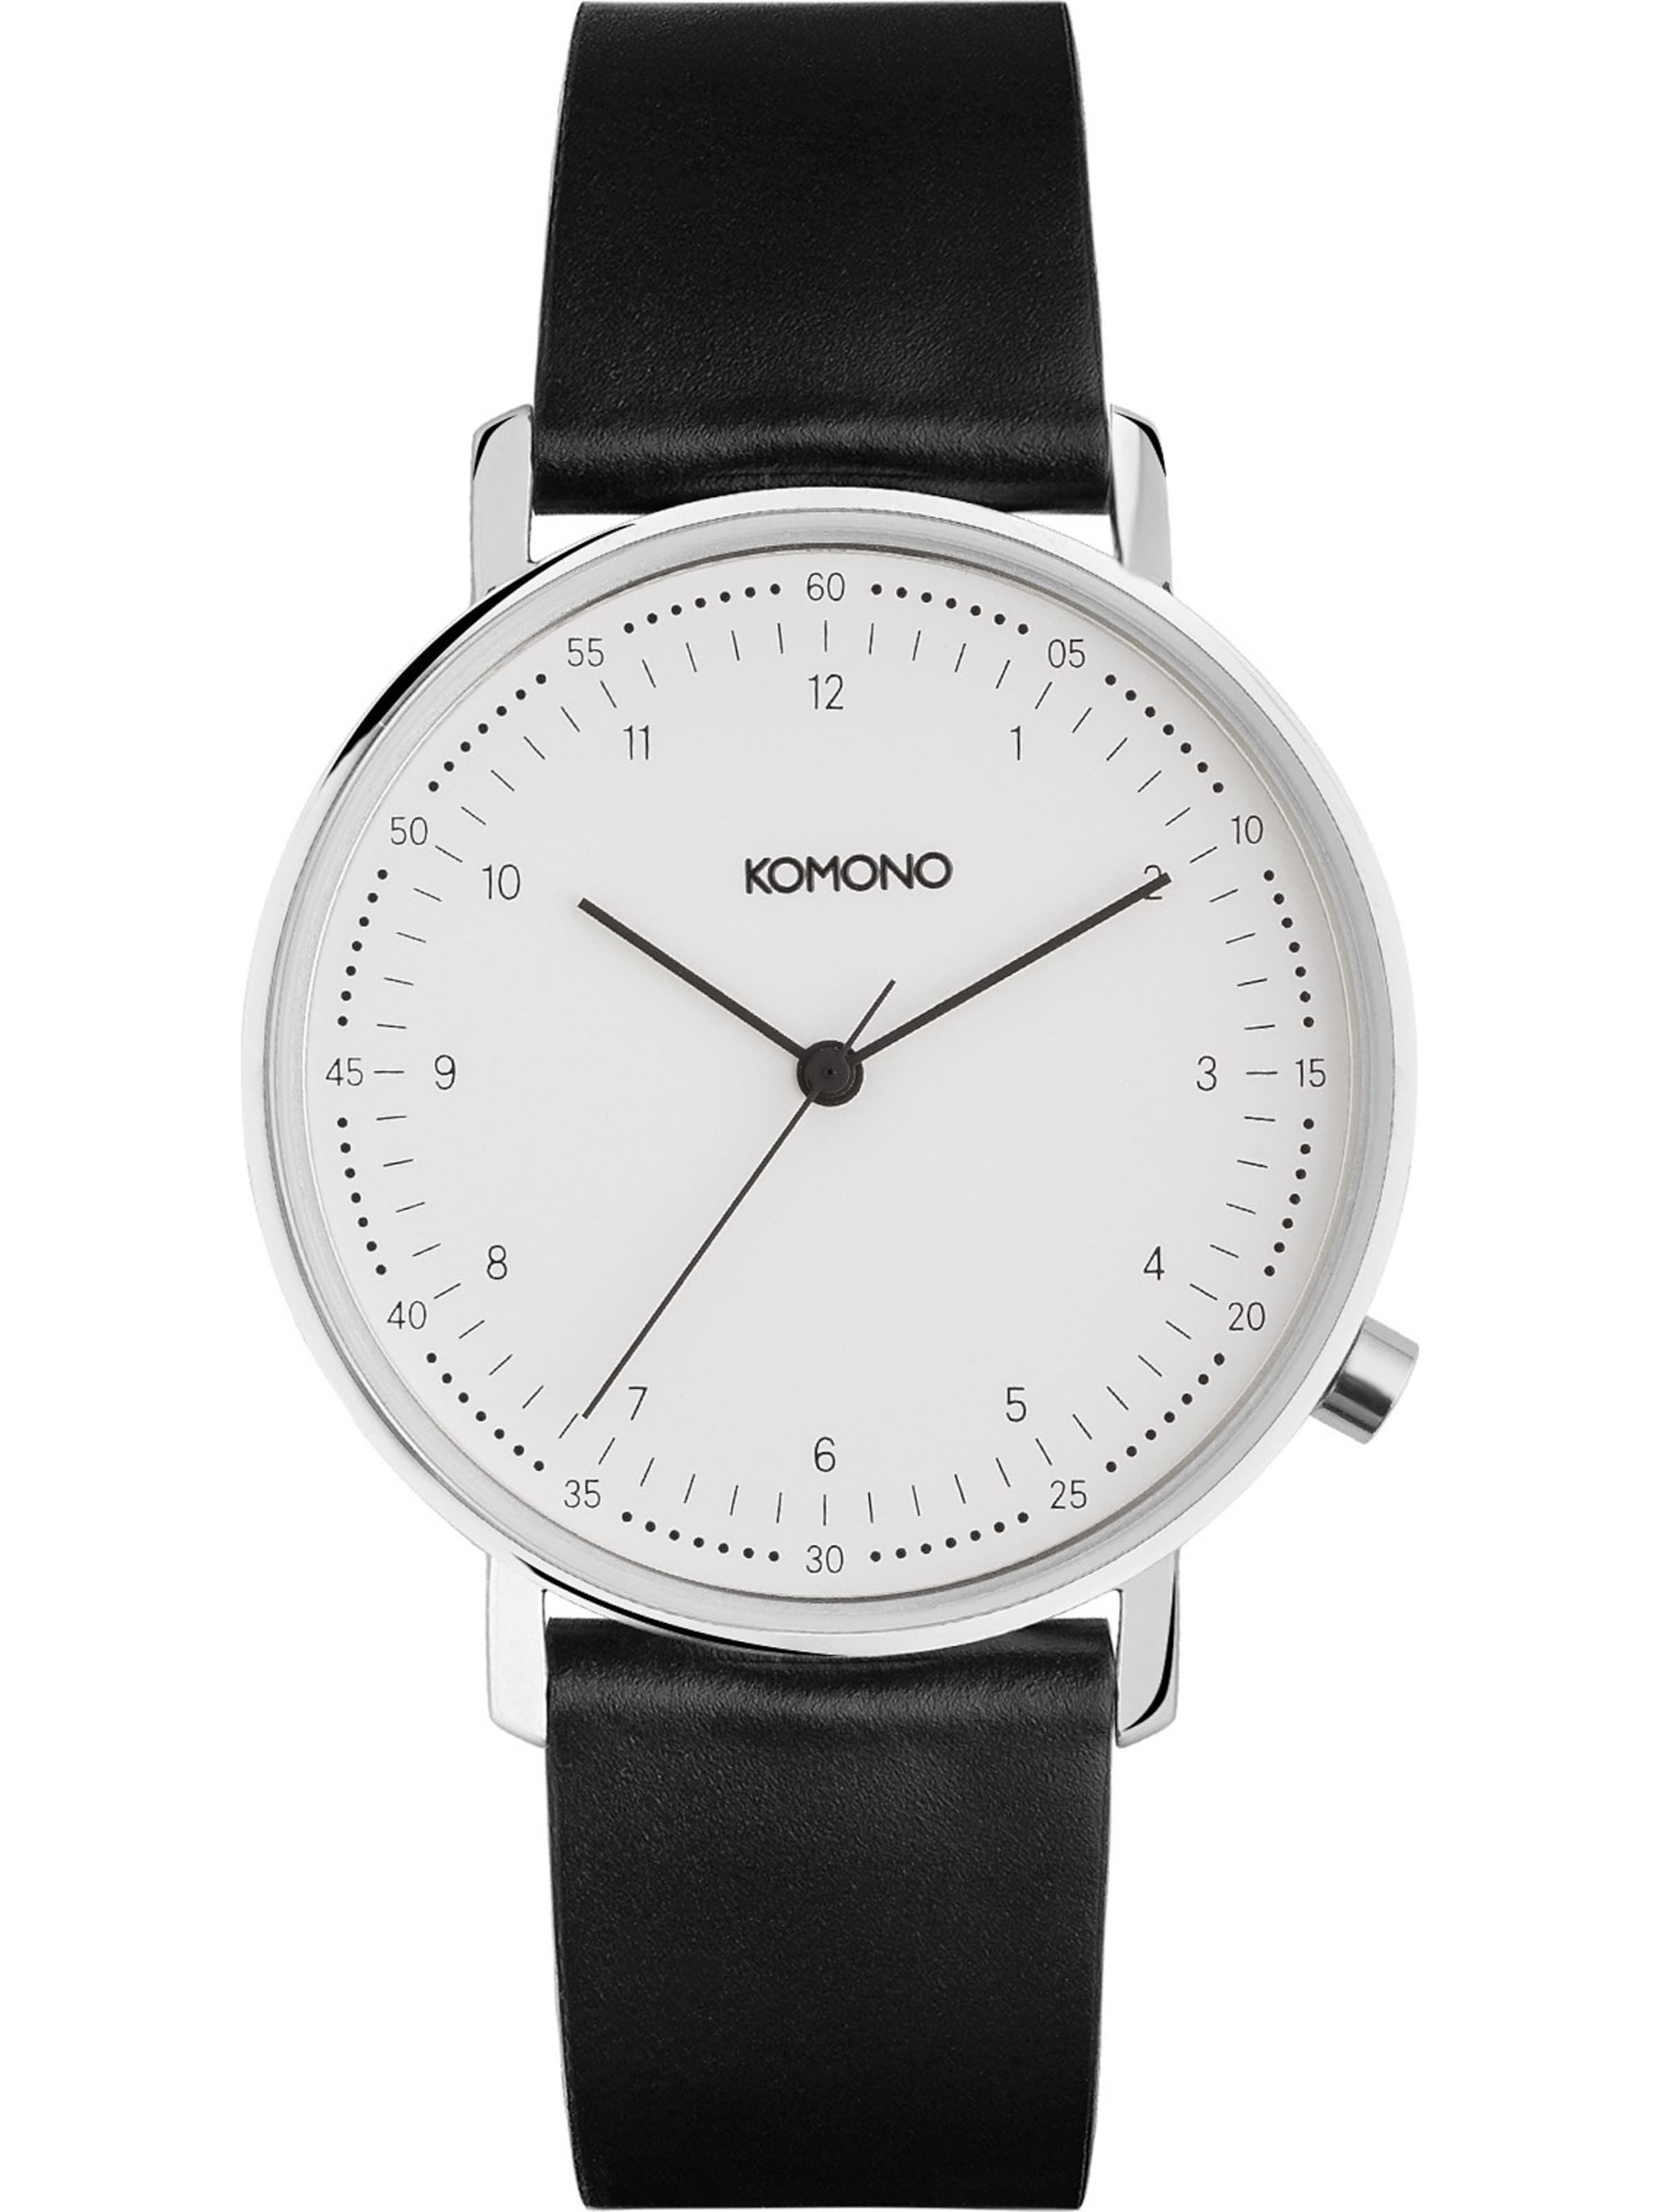 SchwarzWeiß Armbanduhr Komono In Komono Armbanduhr 'lewis' OnwX0ZNP8k